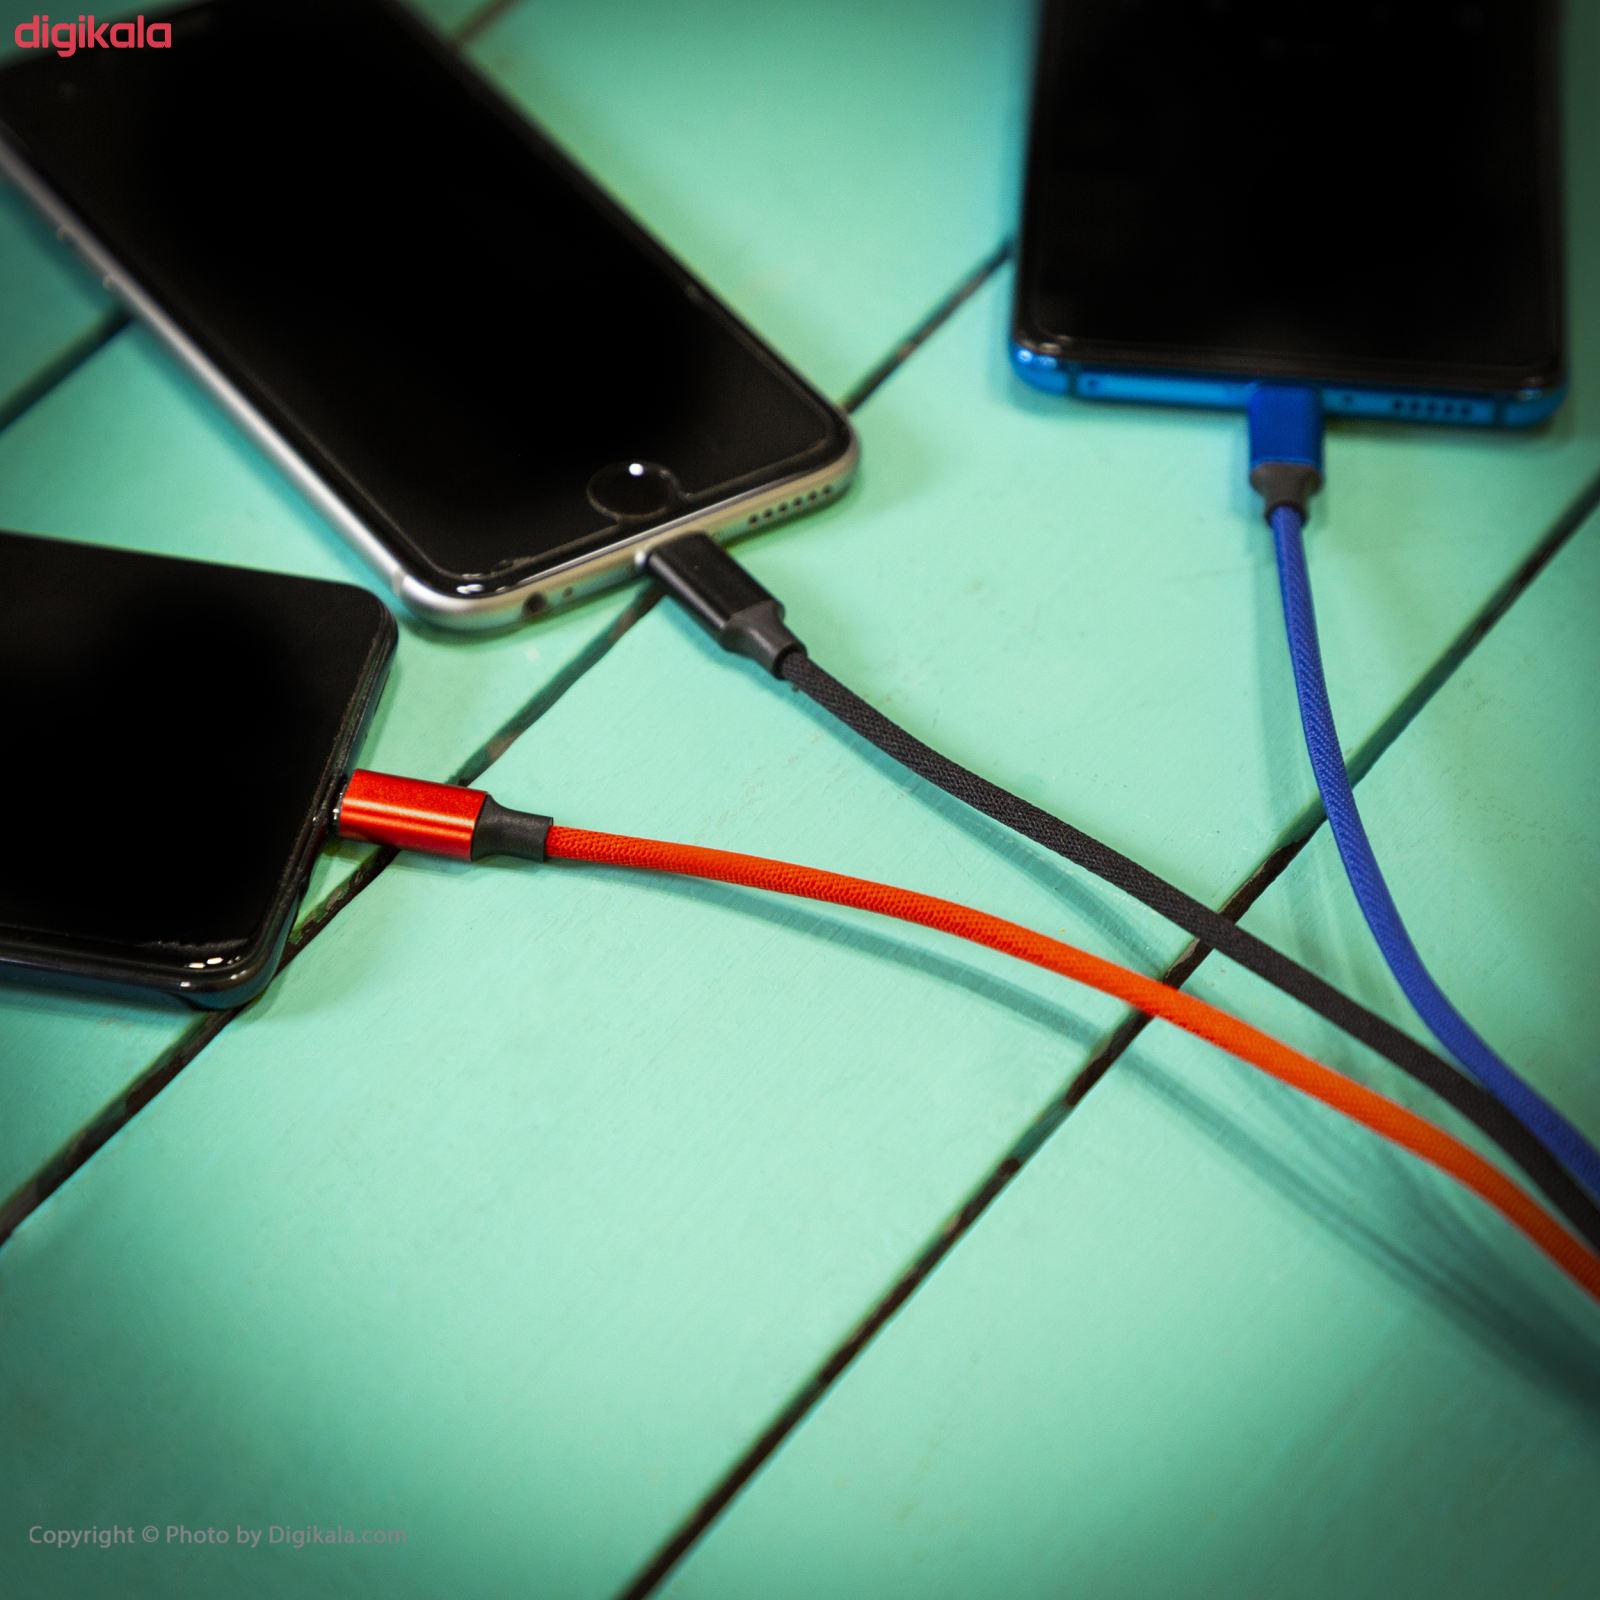 کابل تبدیل USB به لایتنینگ/USB-C/microUSB تاپیکس مدل TS-03 طول 1.2 متر main 1 12